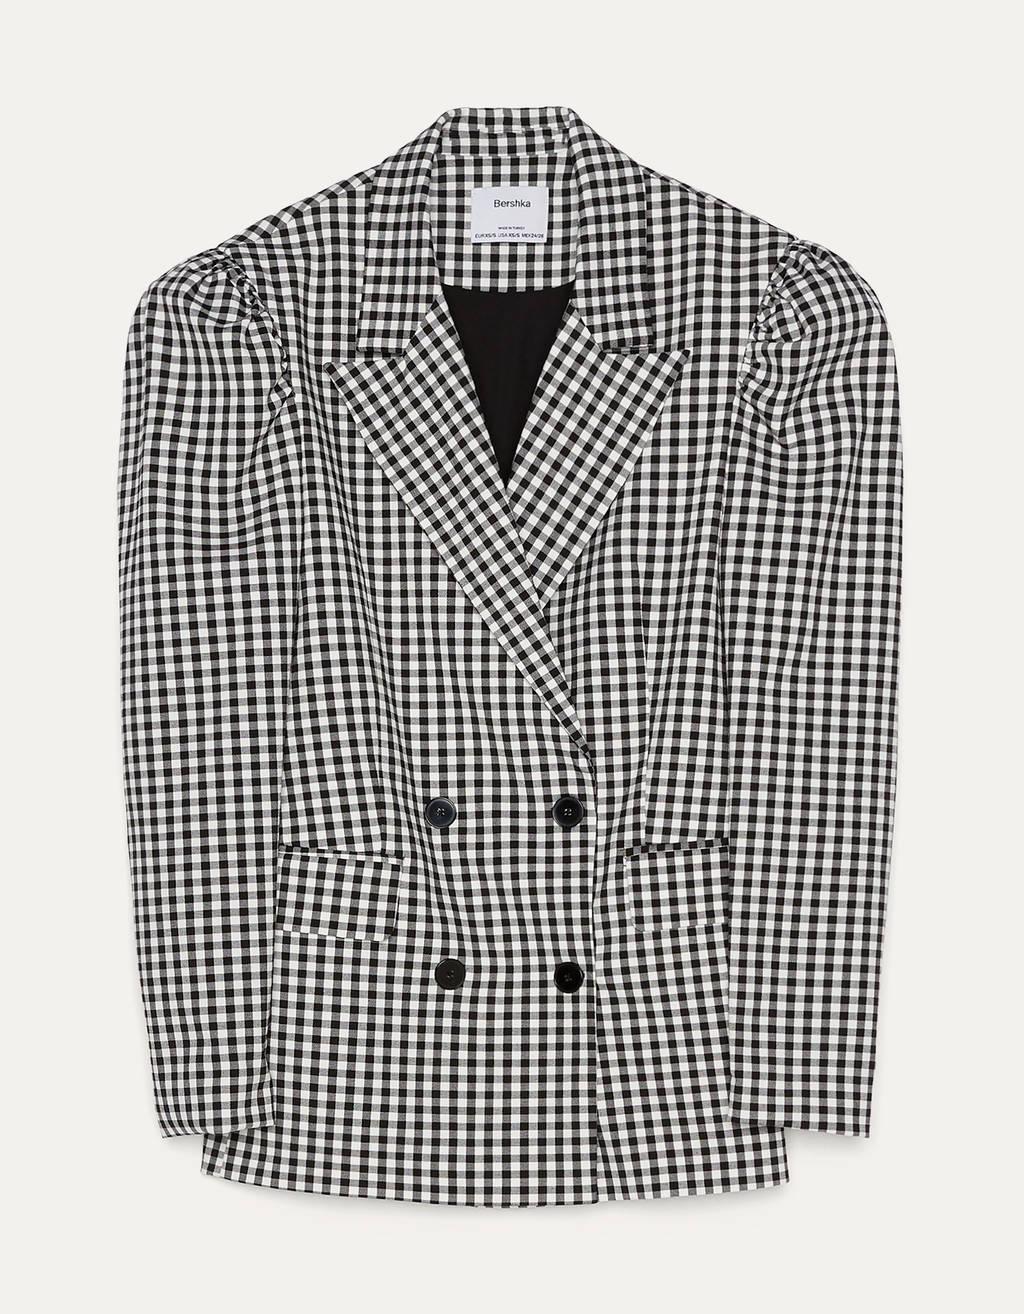 Blazer con cuadro vichy, cuello solapa y manga abullonada. Escote cruzado con botones y bolsillos.